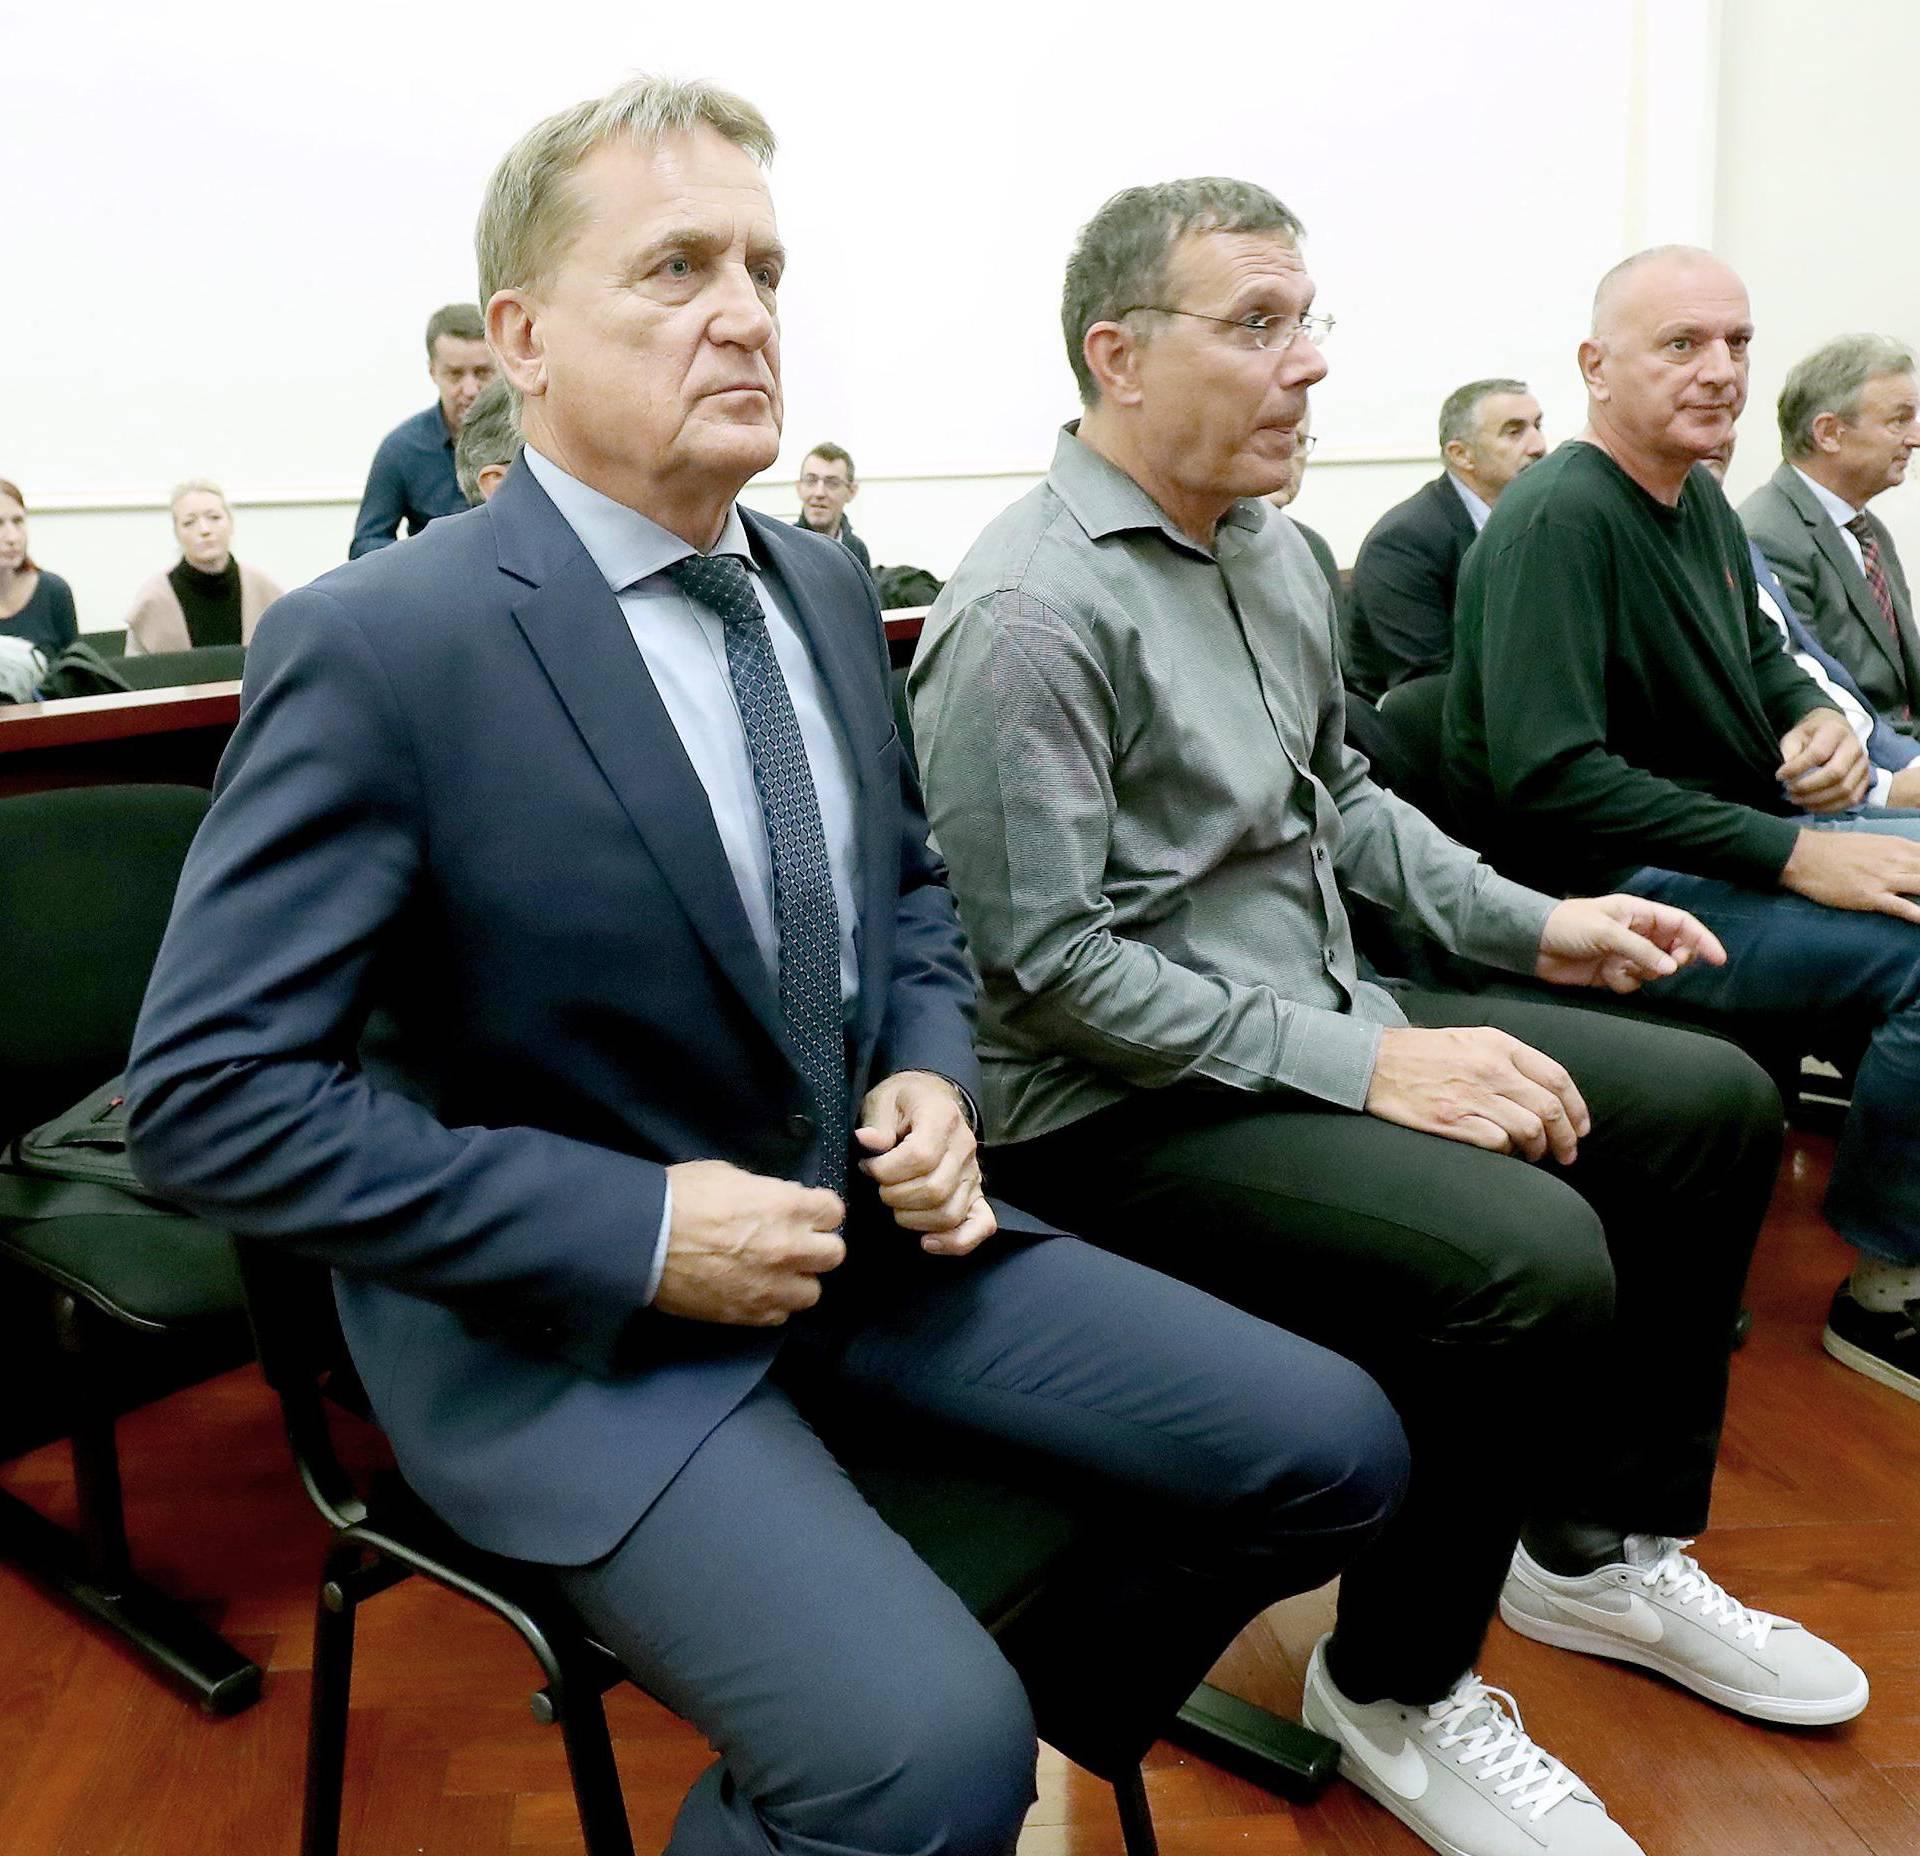 'Kalmeti sam ispričao sve o kriminalu, a nije ništa uradio'